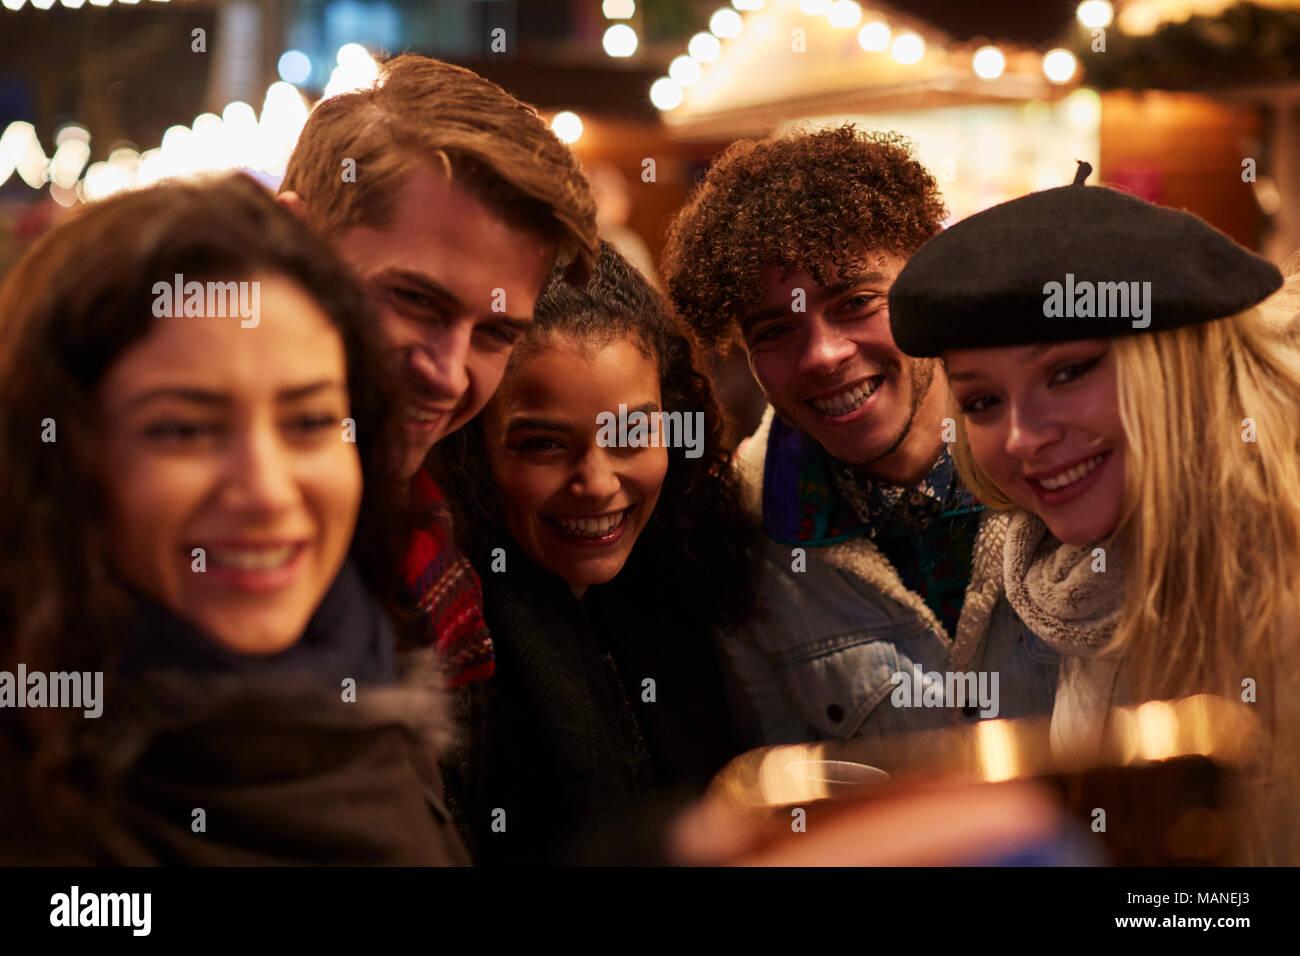 Jóvenes amigos posando para Selfie en Mercado de Navidad Imagen De Stock